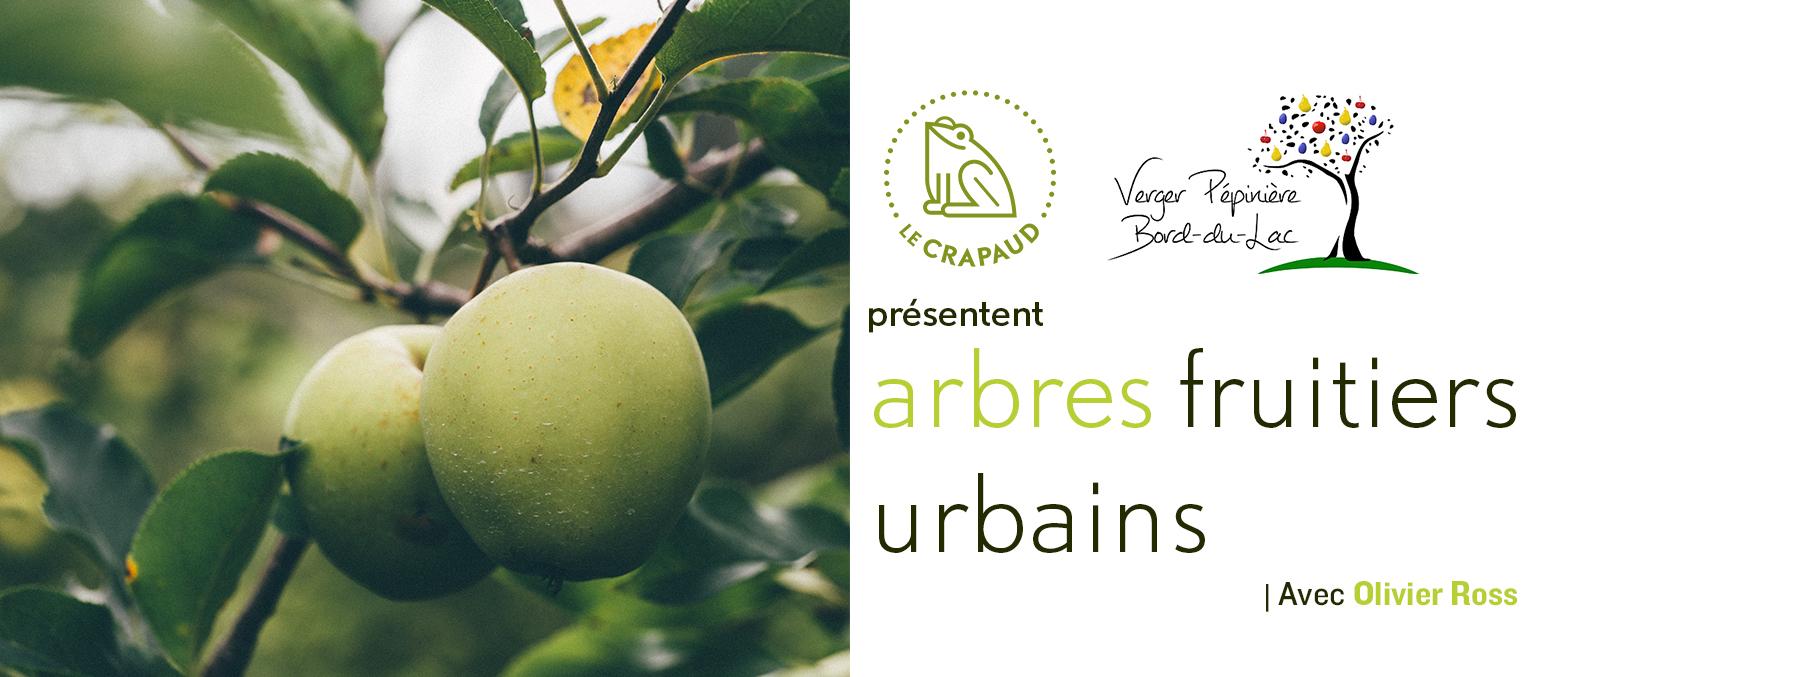 fcbk - Arbres Fruitiers Urbains